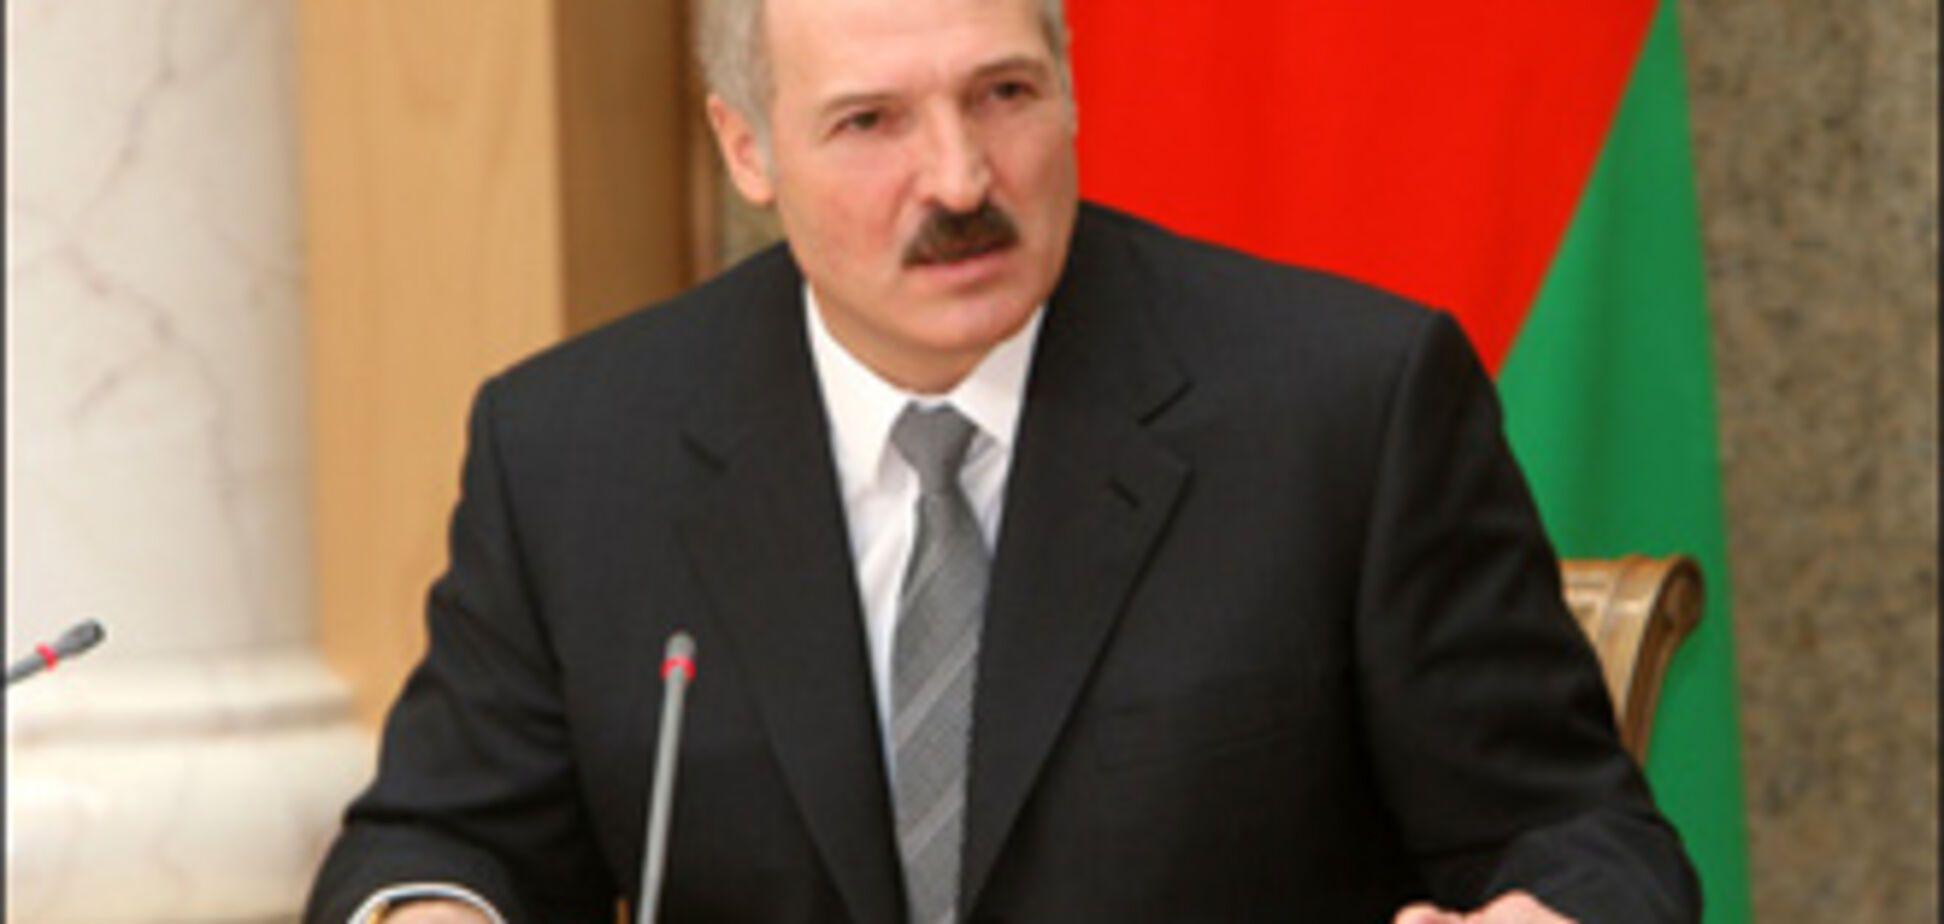 Лукашенко 'за' присоединение Украины к Таможенному союзу